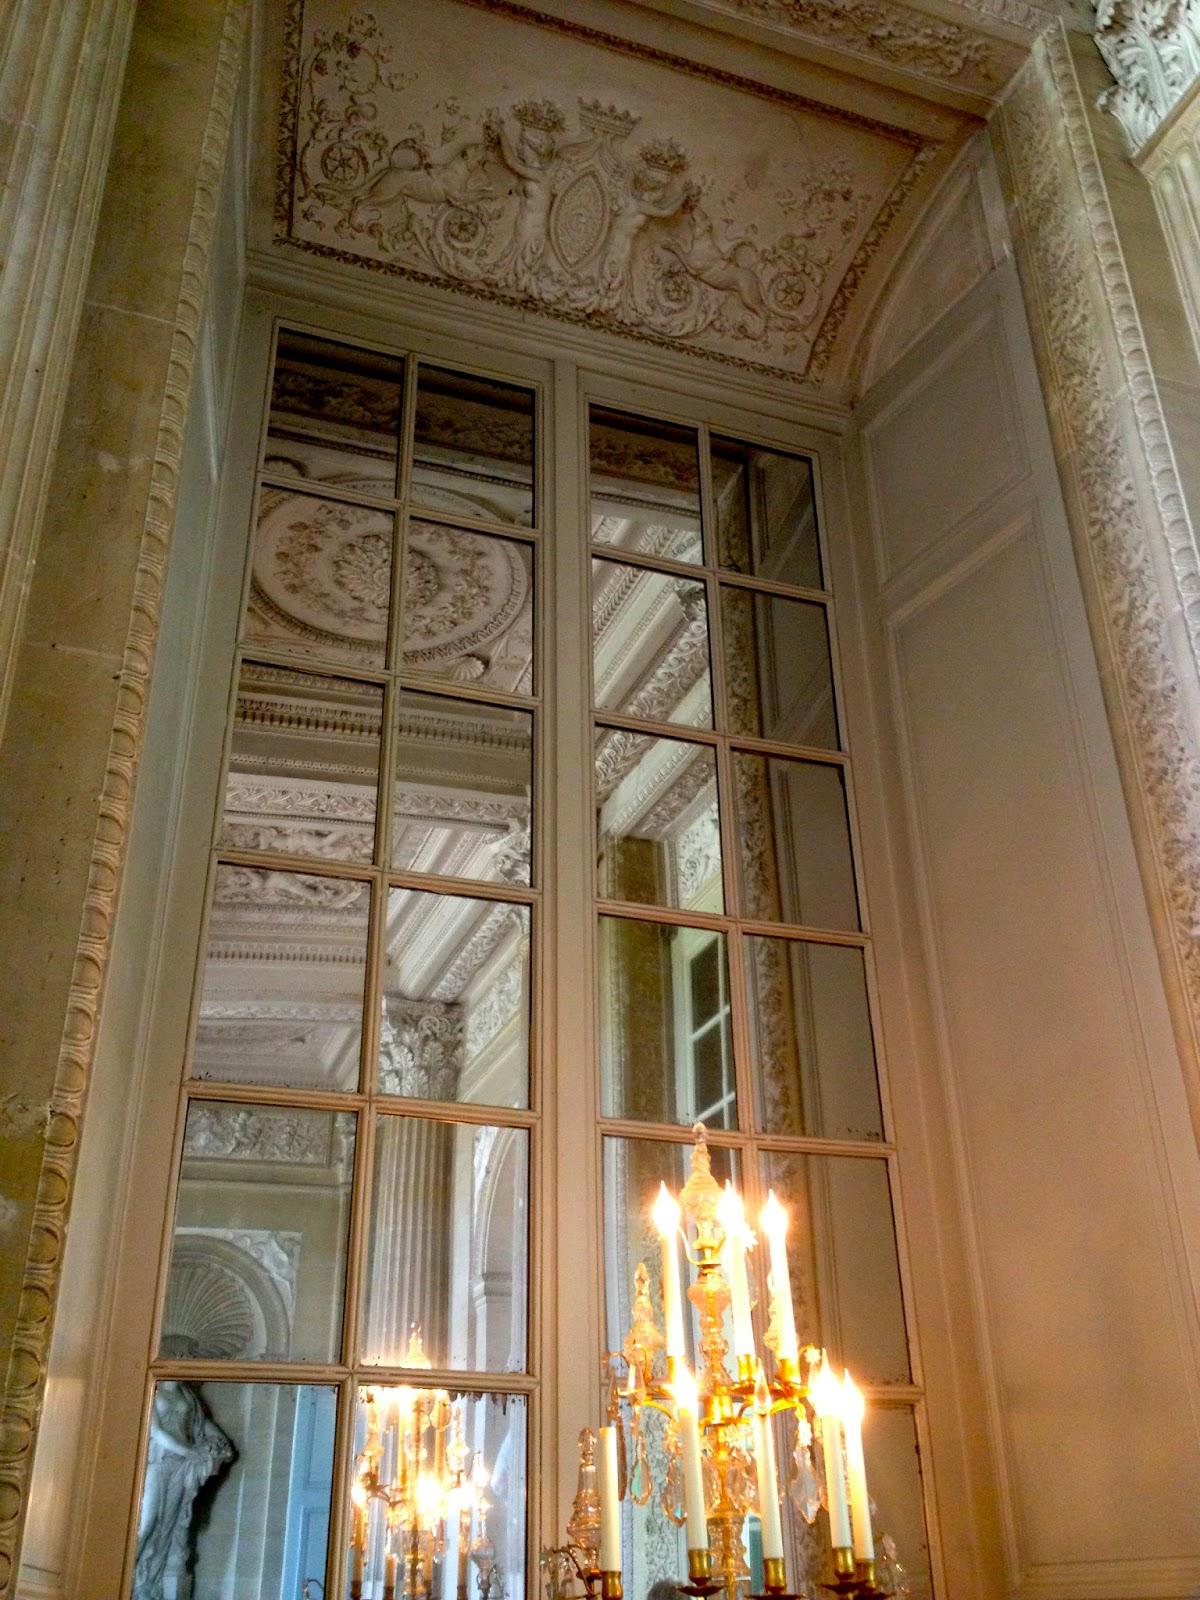 danielle abroad parisian day trip maisons laffitte. Black Bedroom Furniture Sets. Home Design Ideas